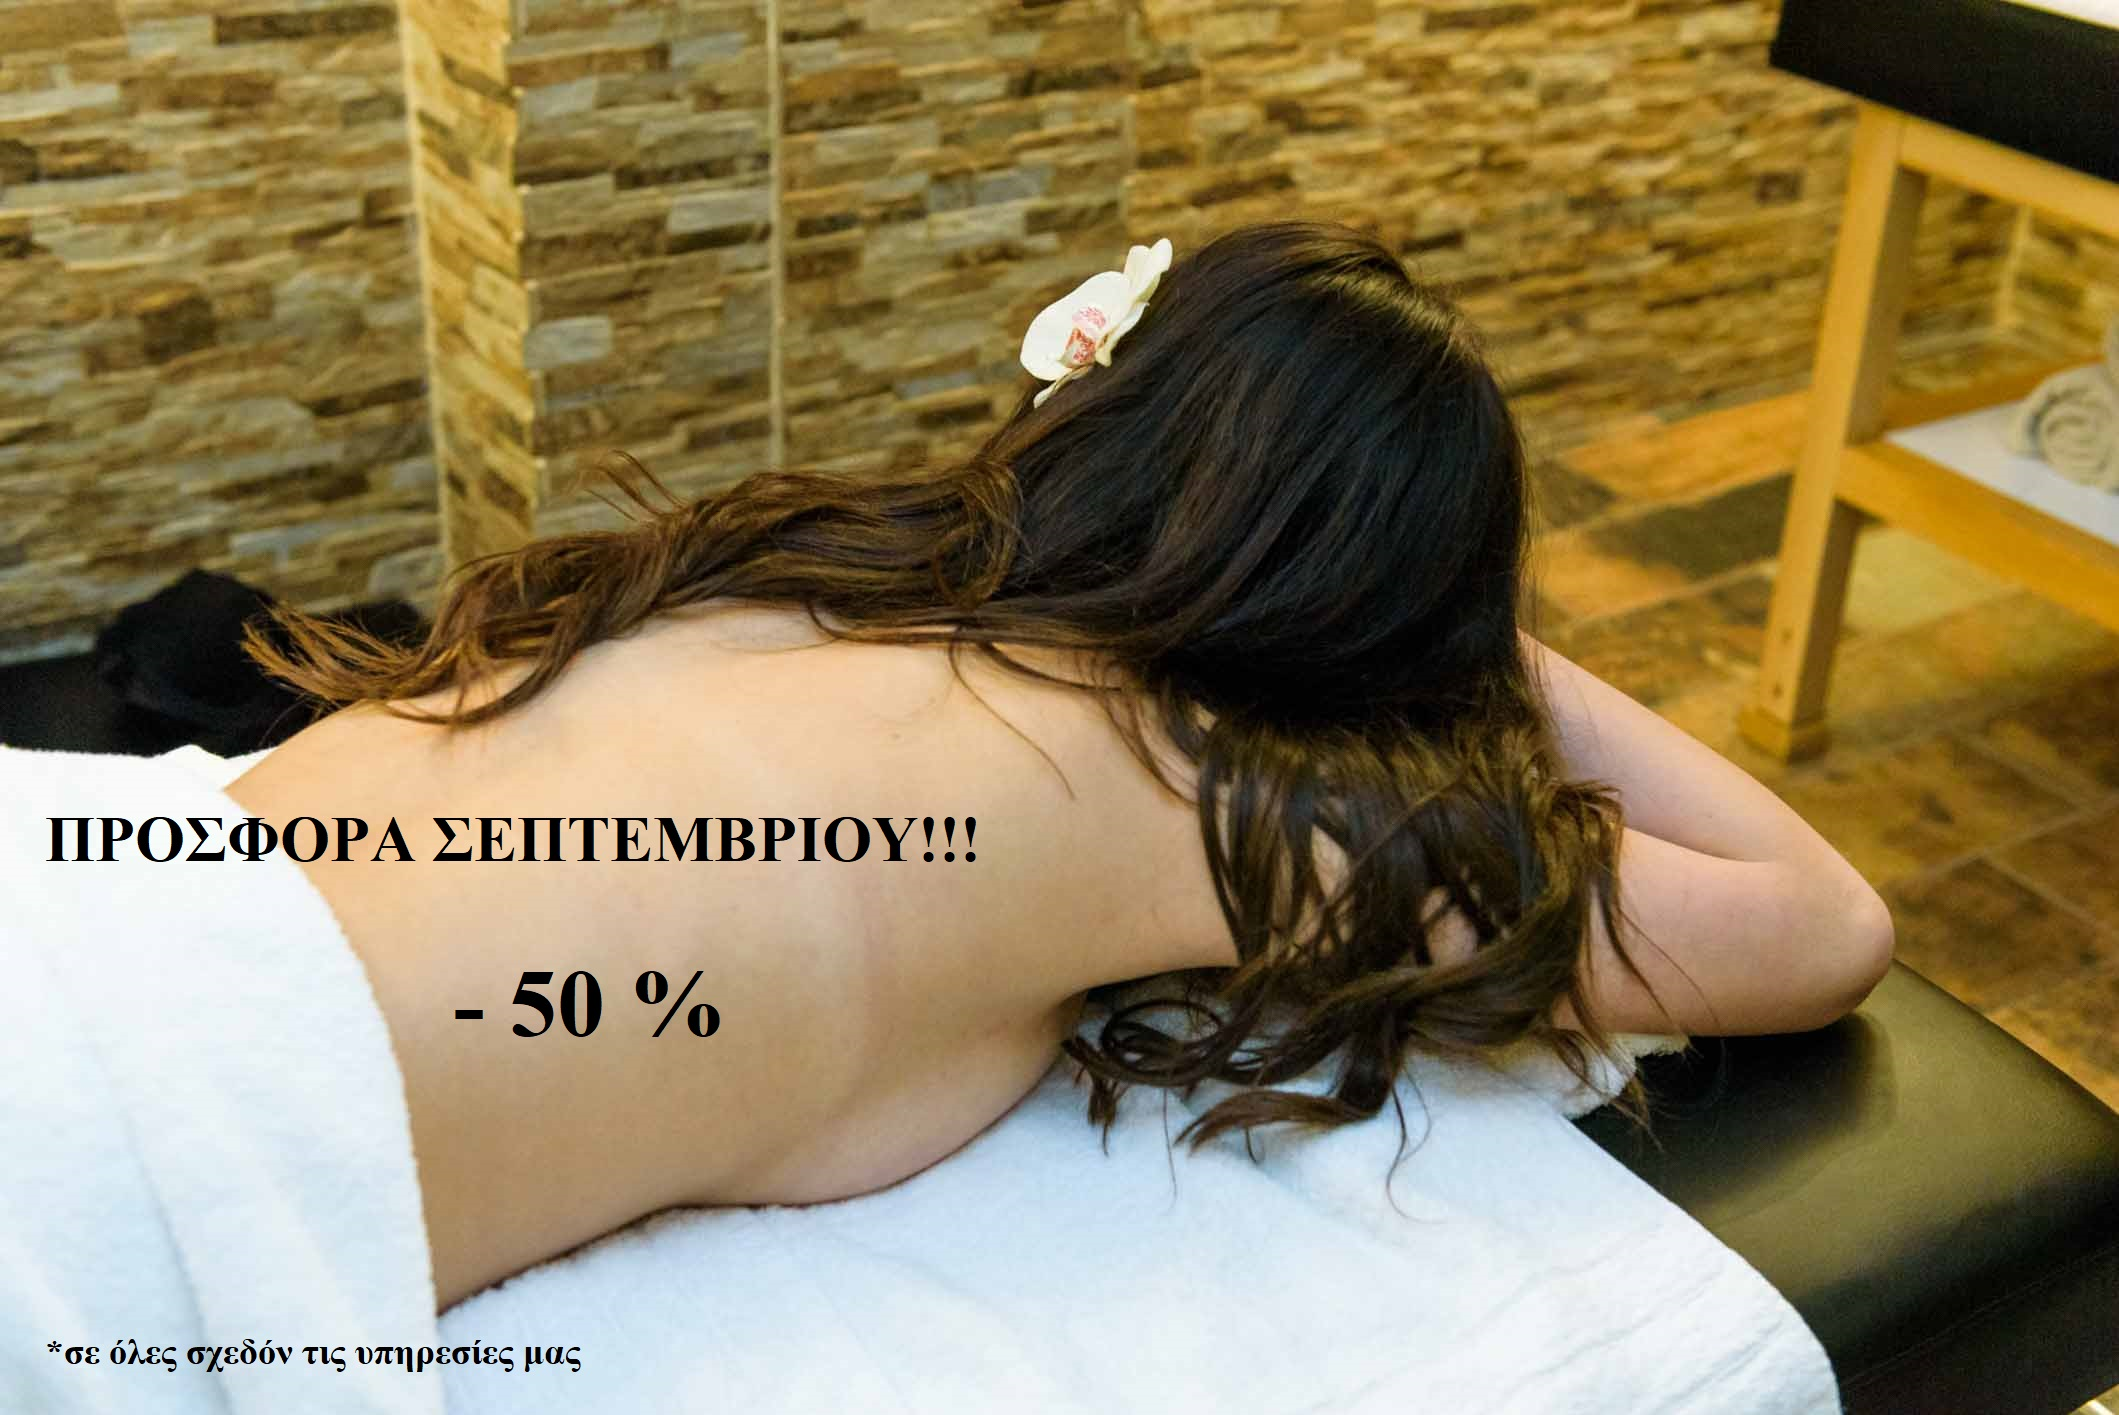 offer-septe.el_ Προσφορές Μασαζ και Σπα Θεσσαλονίκη